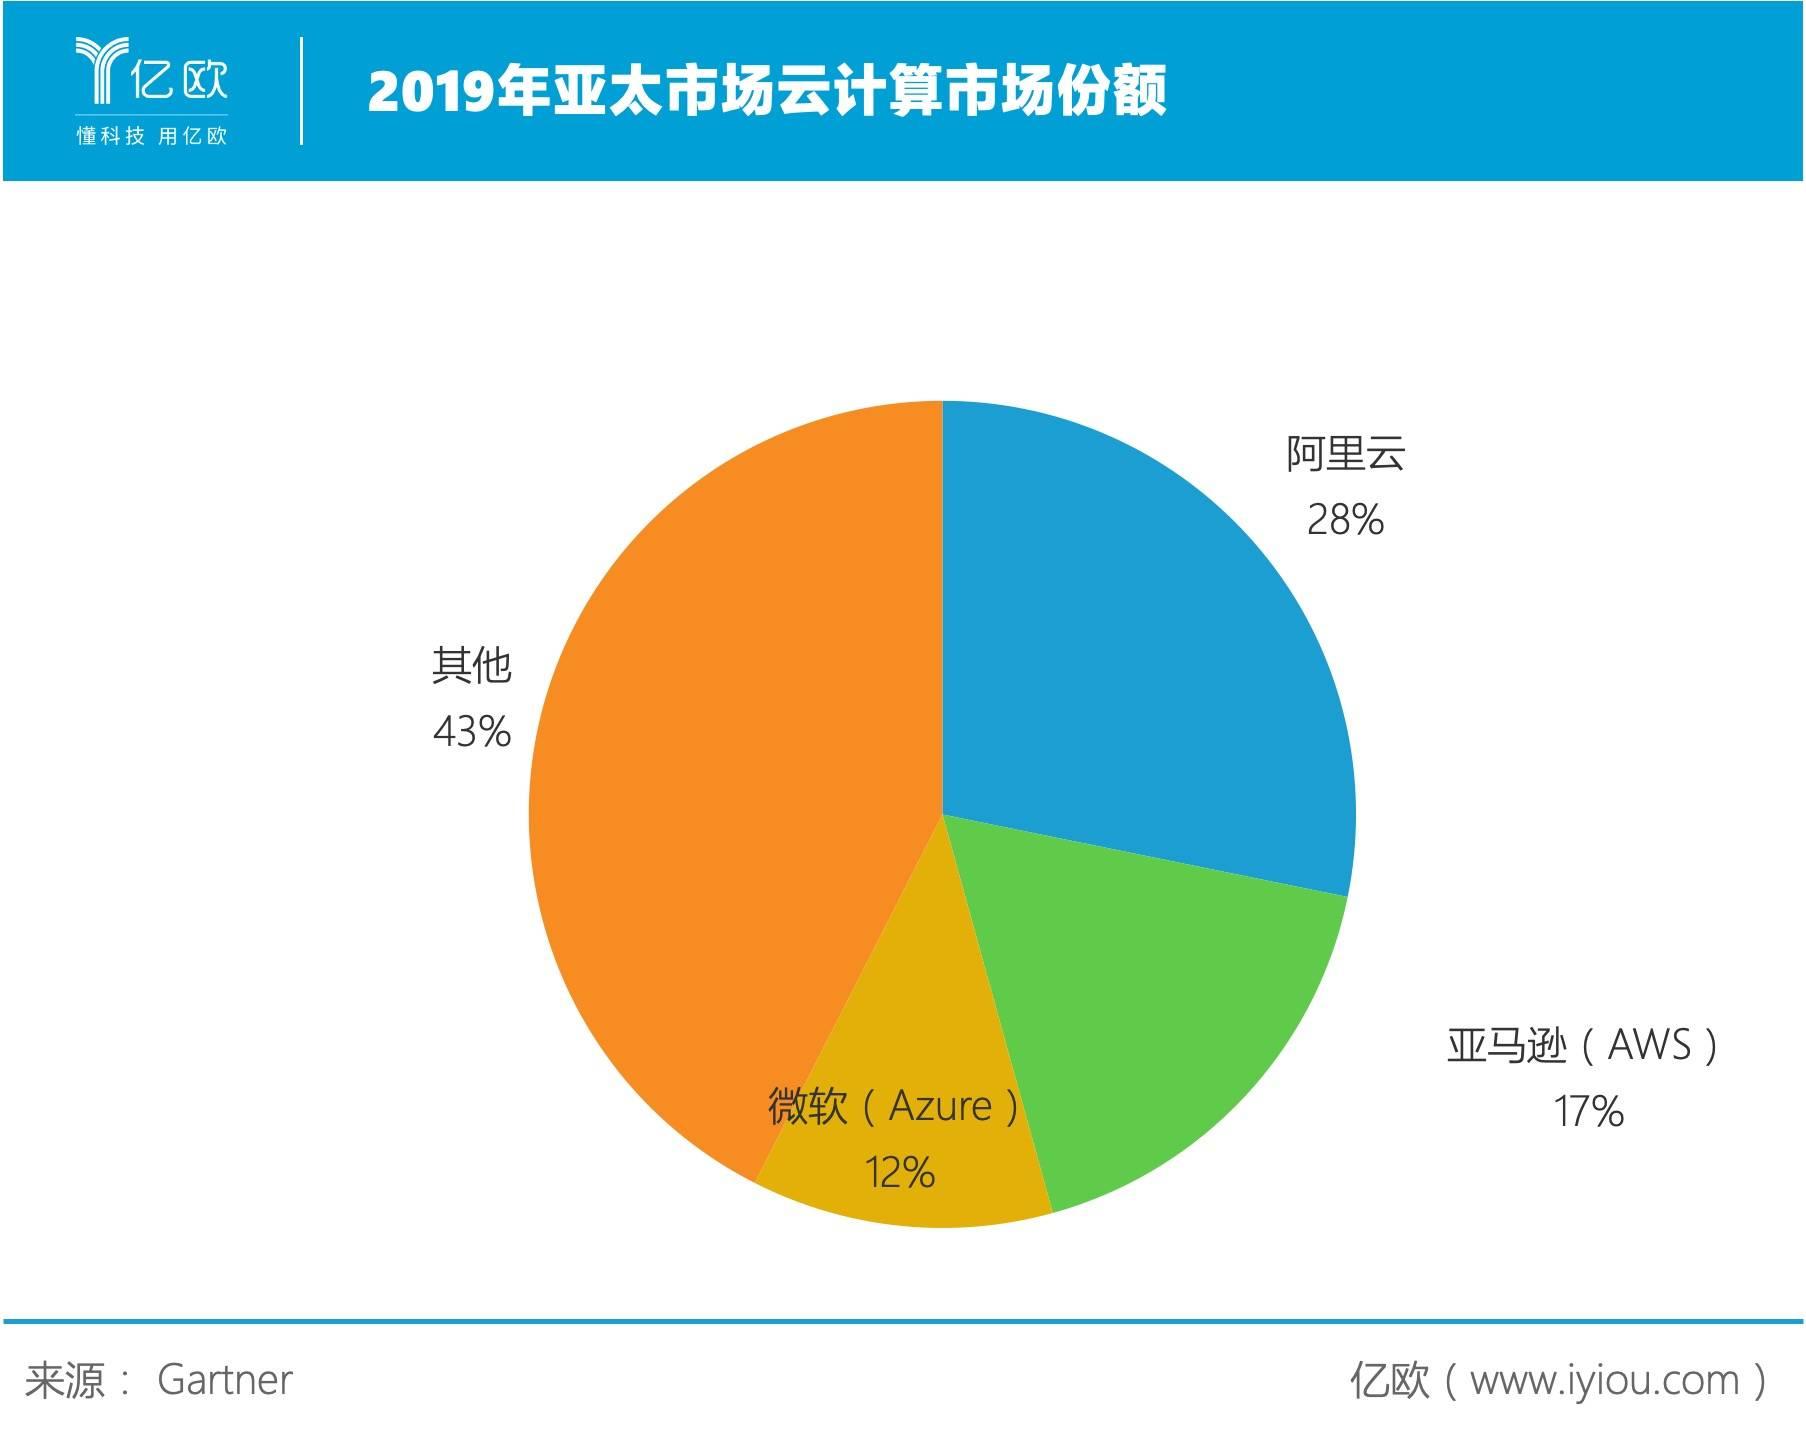 2019年亚太市场云计算市场份额 .jpg.jpg